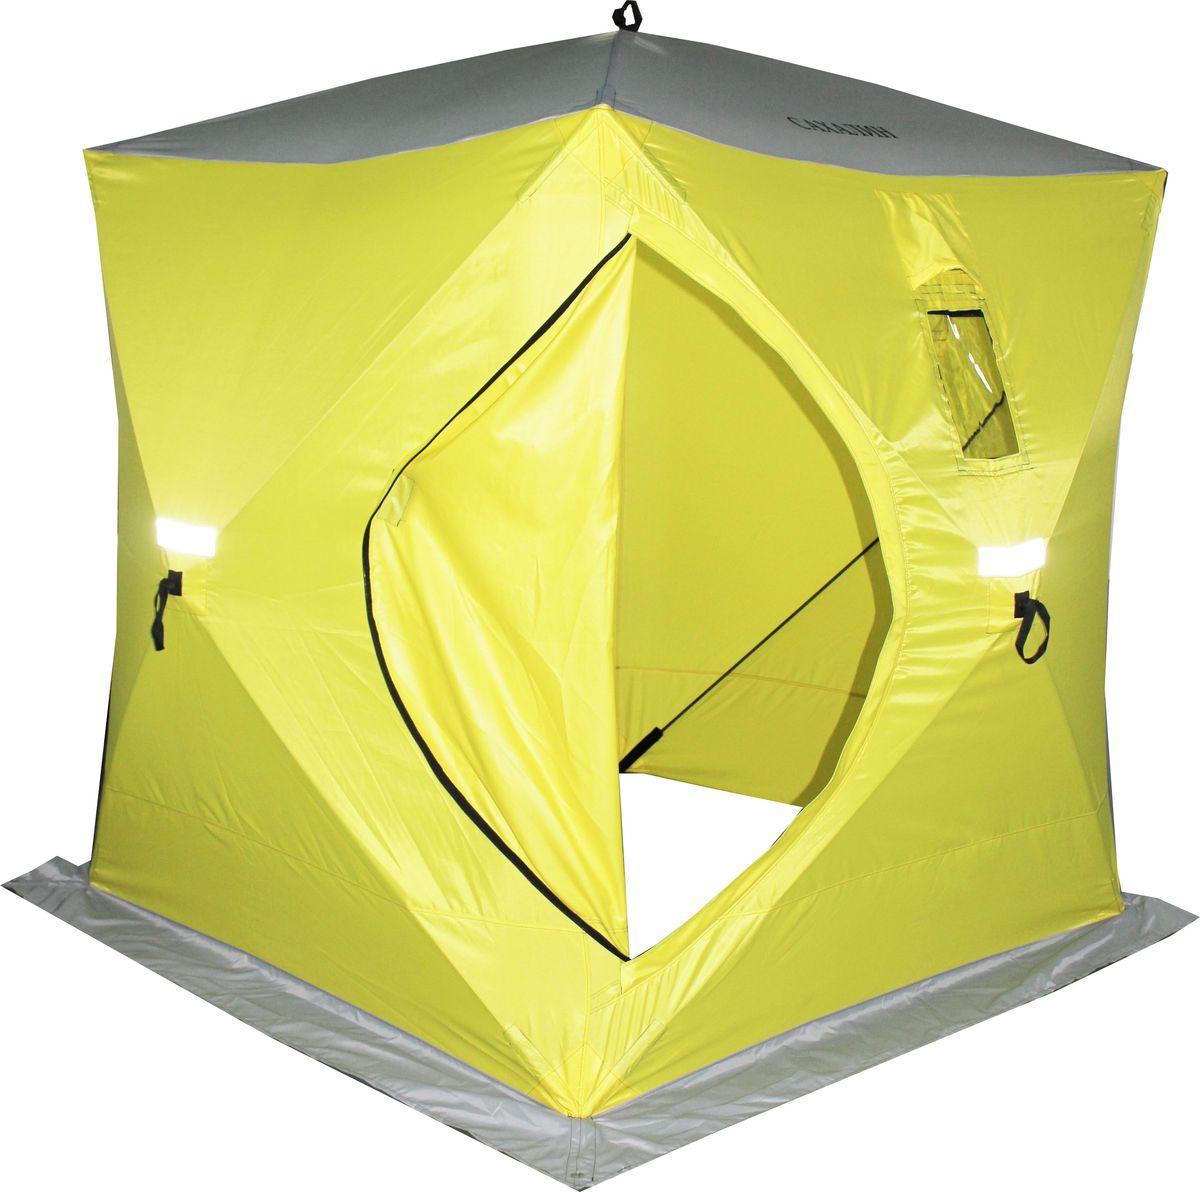 Палатка зимняя Prival Сахалин, 4-местная, цвет: желтый, серый, 180 х 180 х 200 см54257Палатка зимняя Prival Сахалин предназначена для зимней рыбалки. Размер: 180 х 180 х 200 смМатериал: Oxford 210D PU 2000 mmПрозрачное полиуретановое покрытие!Каркас: Fiberglass, o 9,5 ммОкна: 2 окна, морозостойкие, отстегиваются на липучкеВентиляция: 2 вентиляционных окнаСветоотражающие элементы: есть, с каждой стороны.Вход: одинЮбка: 25 см, 4 люверсаВвертыши: 8 шт в чехлеКармашки: 2 штВес: 7,4 кгЧто взять с собой в поход?. Статья OZON Гид